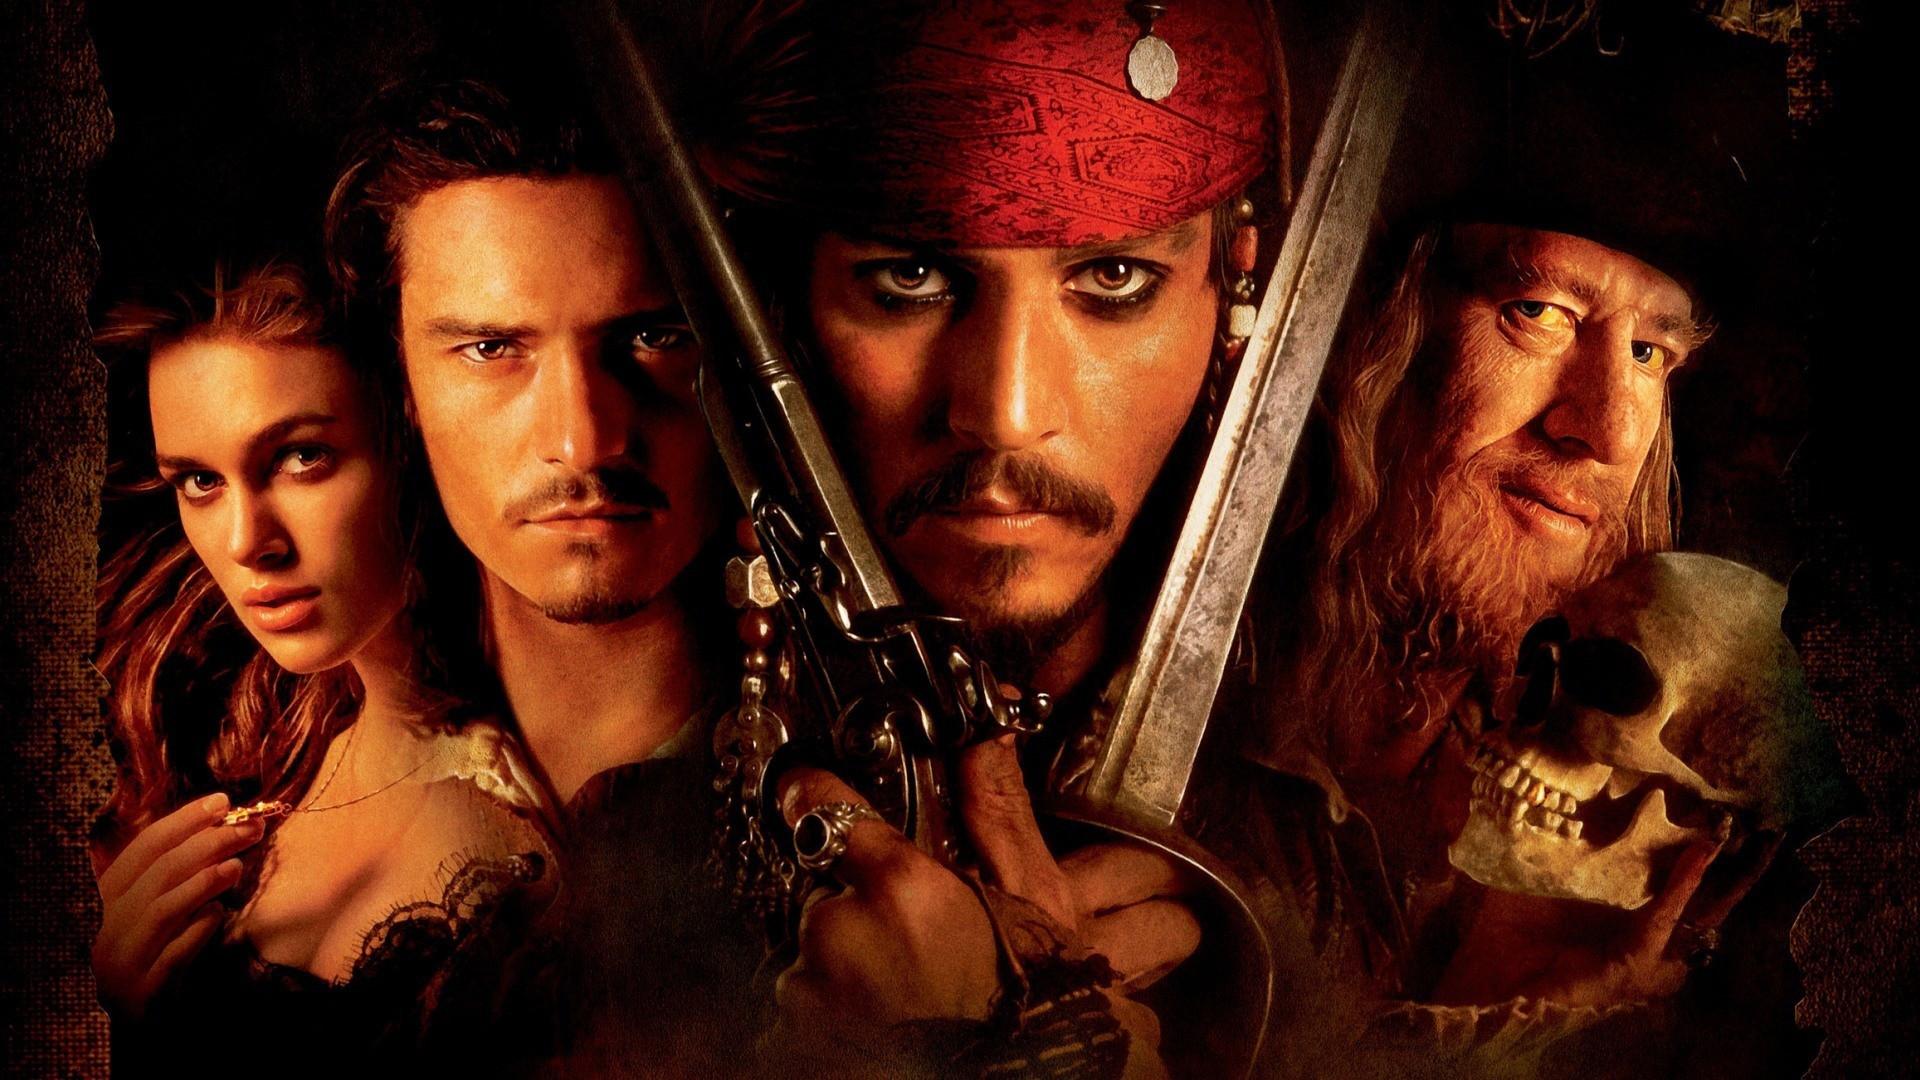 … Pirates Of The Caribbean Black Pearl Wallpaper HD #tkb 1920 x 1080 px  623.08 KB